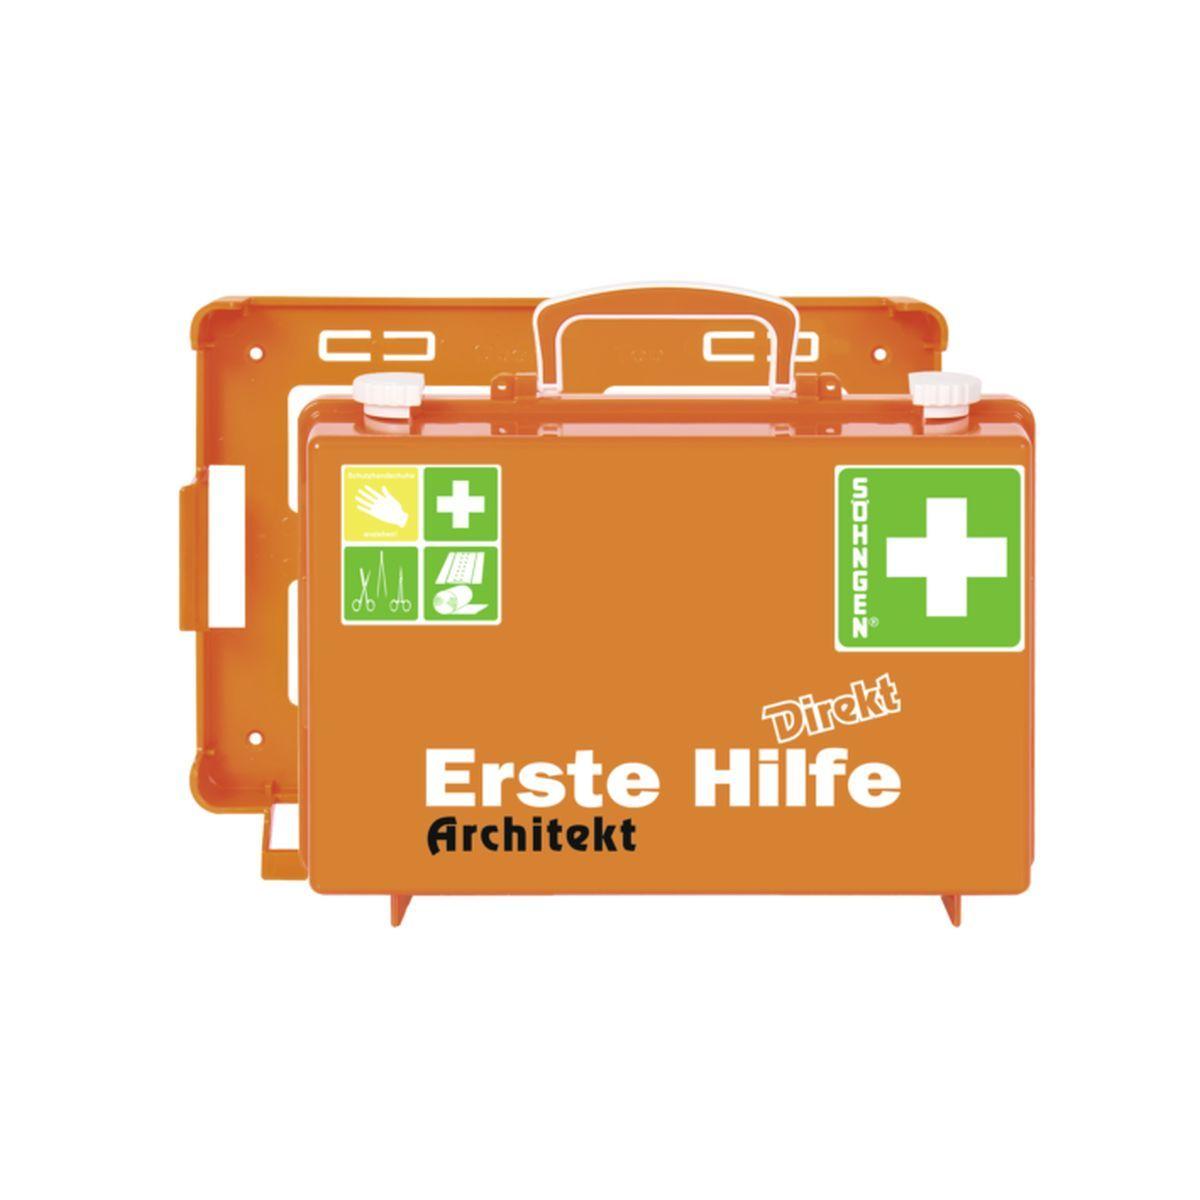 Erste Hilfe Koffer DIN 13157 DIREKT, Architekt